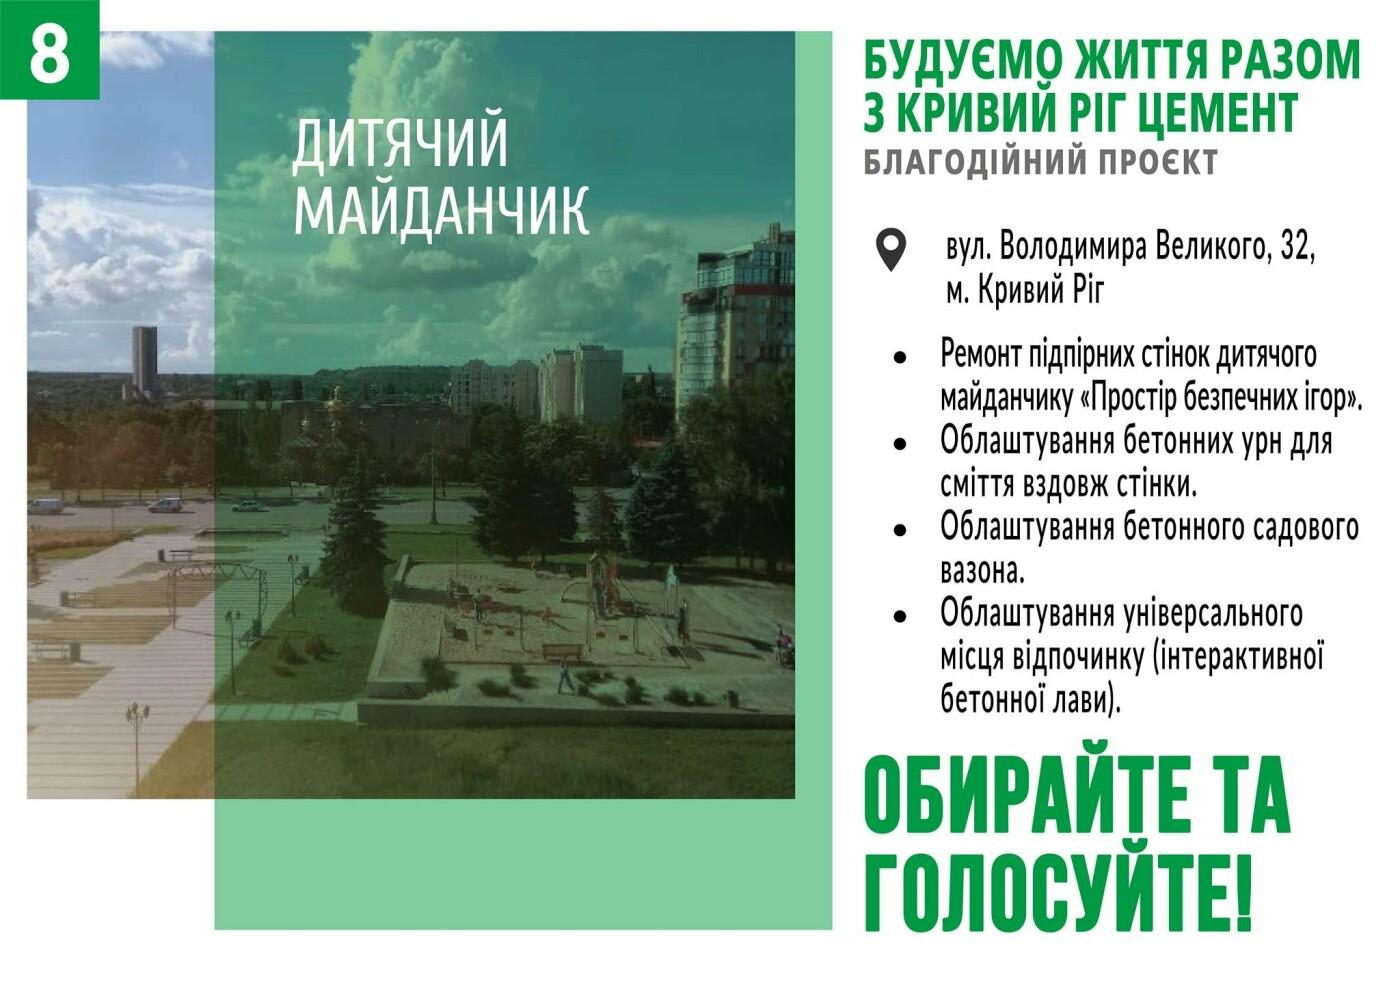 Начато голосование за объекты в рамках благотворительного проекта от компании «Кривой Рог Цемент», фото-8